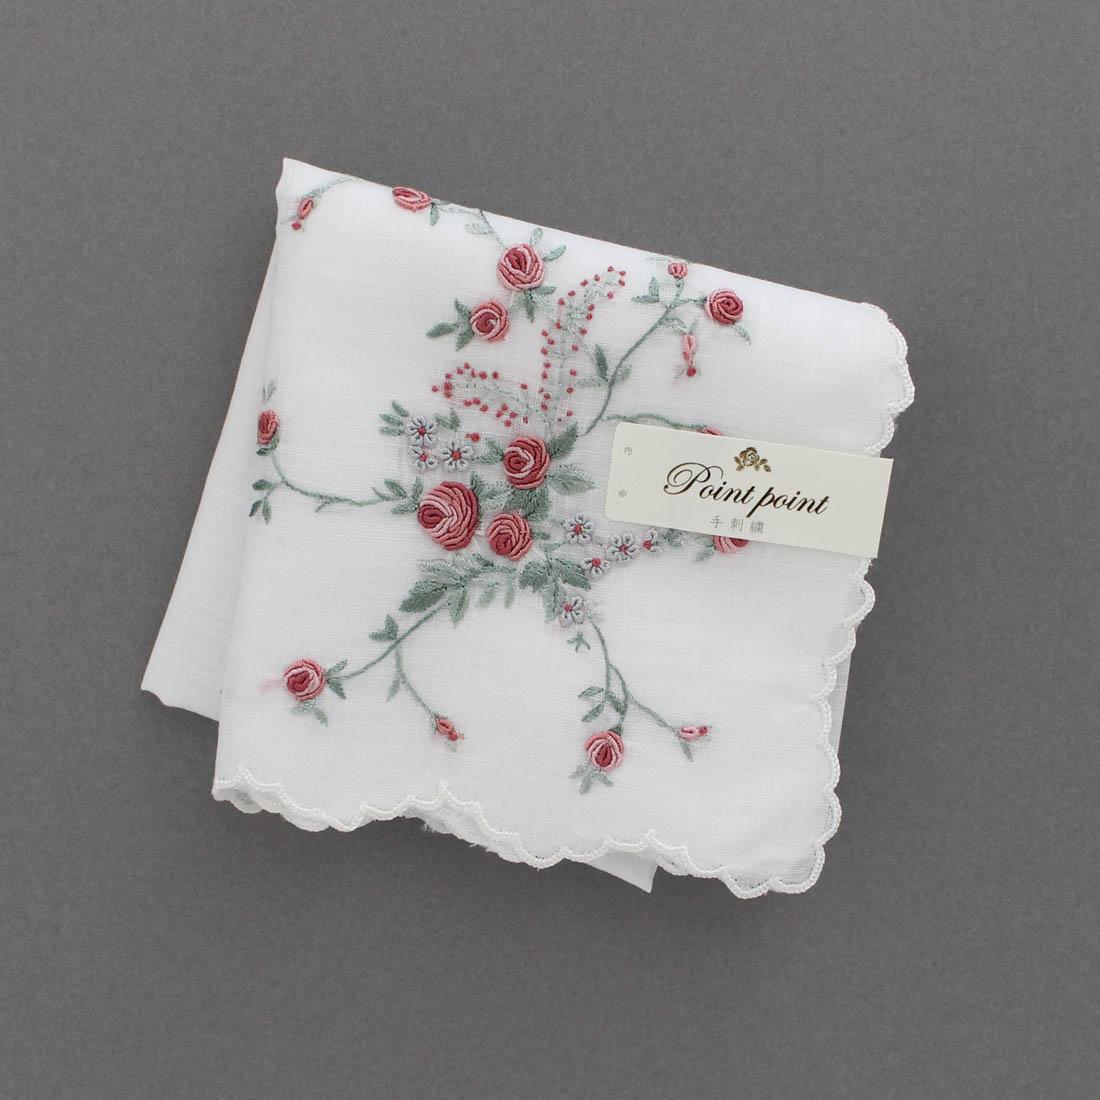 【送料無料】ポワンポワン ベトナム手刺繍 ハンカチ バラ 6201